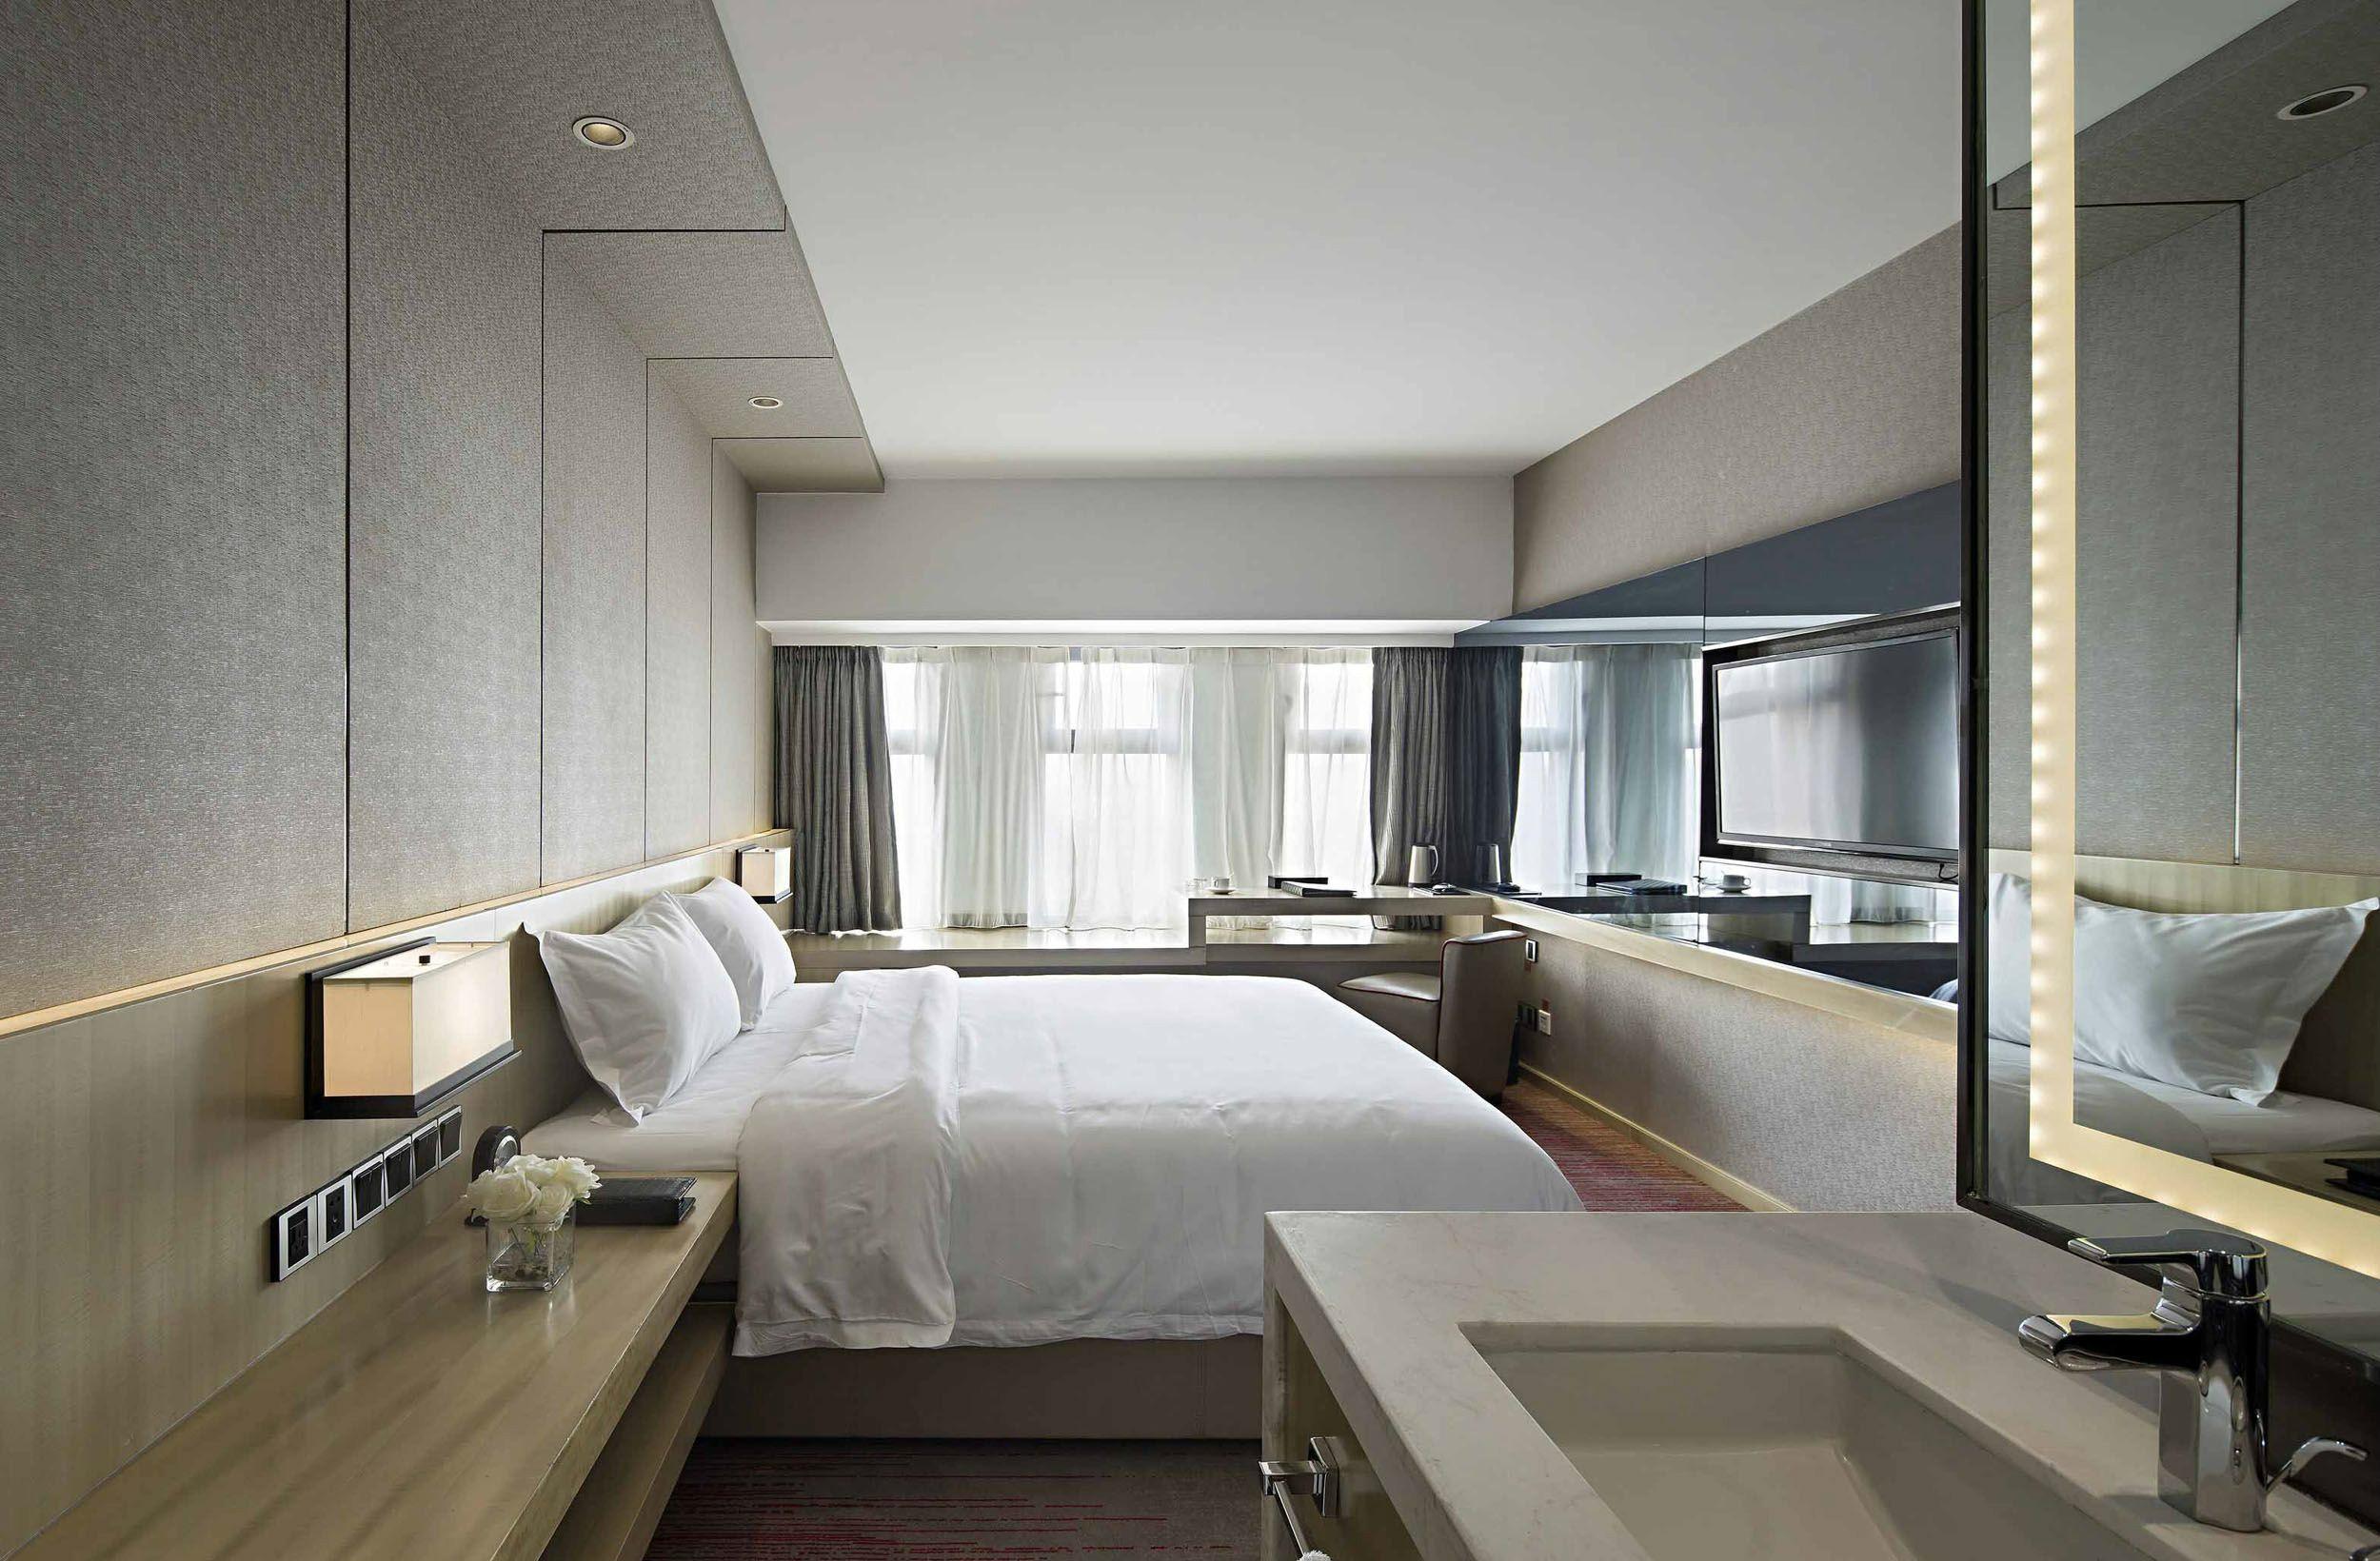 杭州星级酒店客房设计有哪些要求?14x9房屋设计图米二层图片